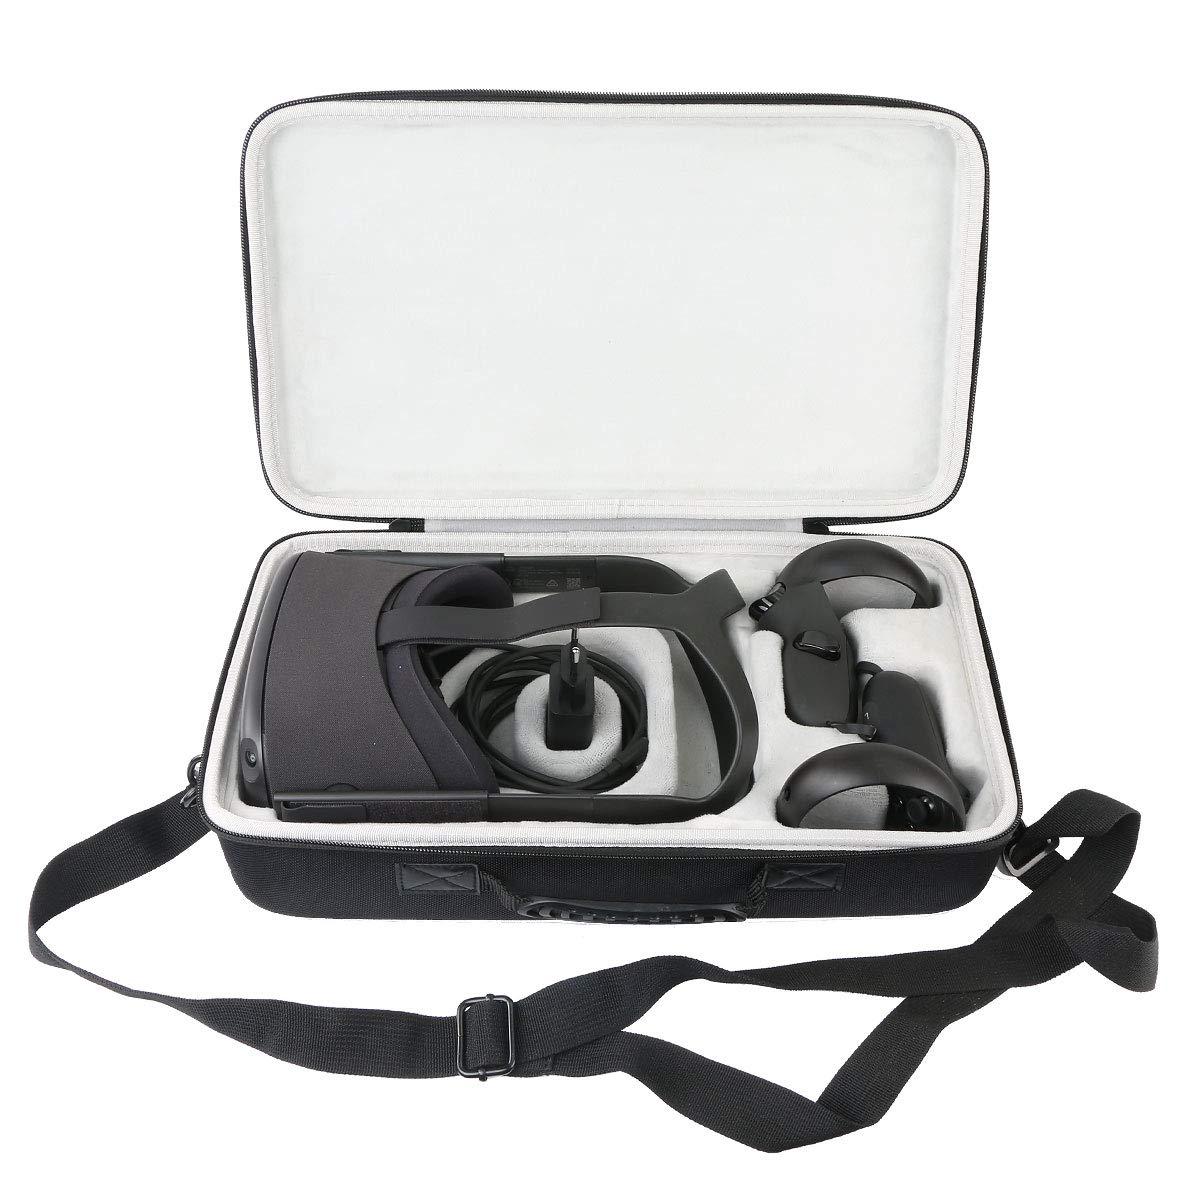 Khanka Dur Cas étui de Voyage Housse Porter pour Oculus Quest Casque de réalité virtuelle All-in-One 64Go